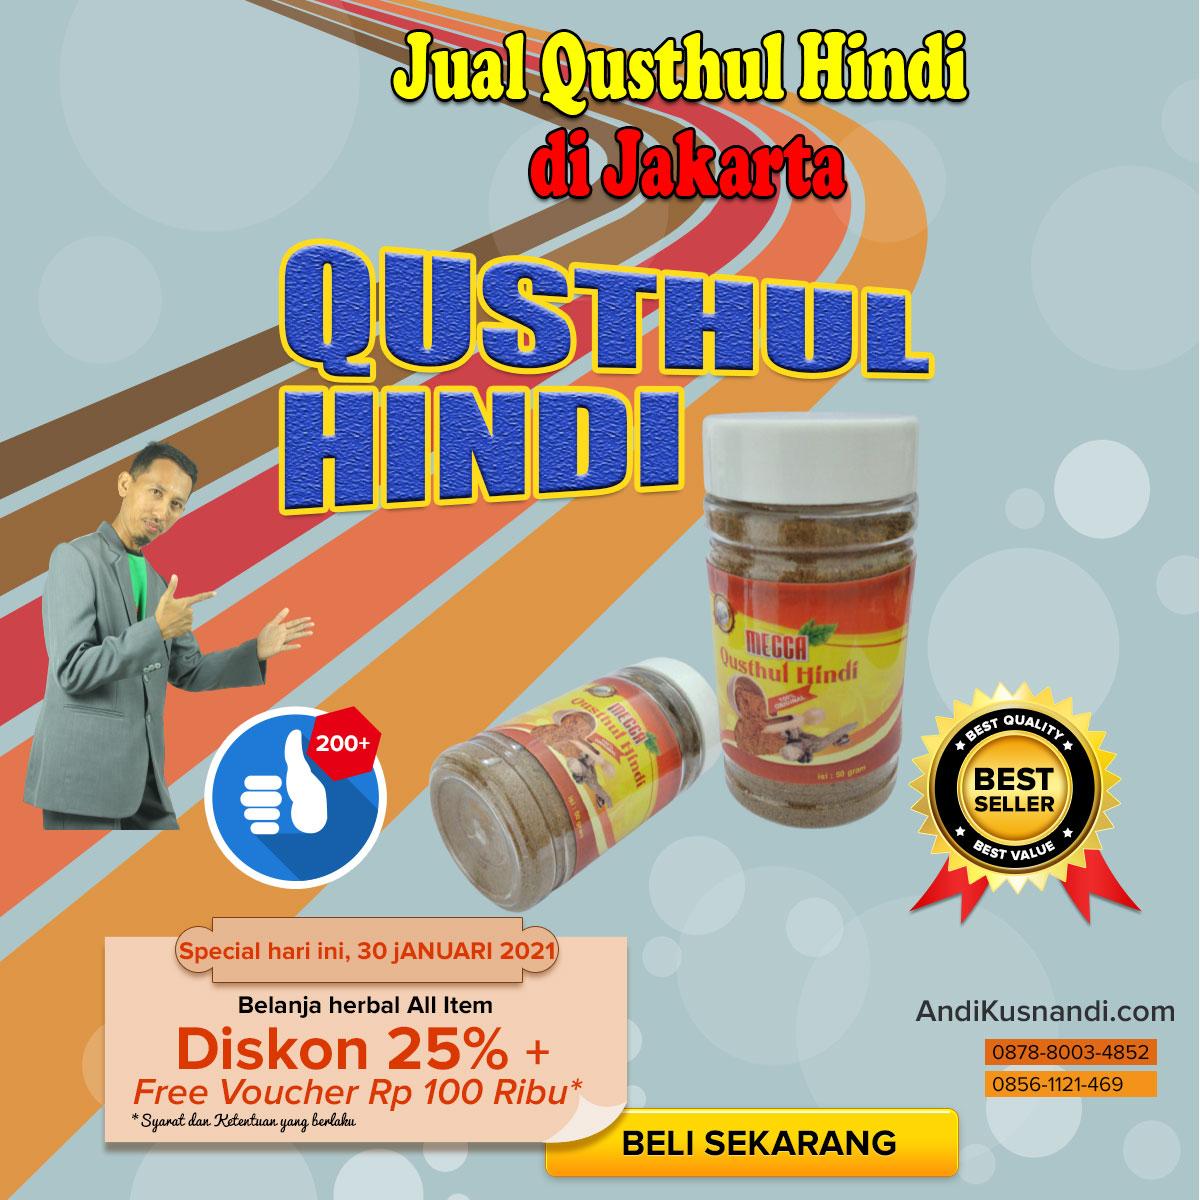 Jual Qusthul Hindi Di Jakarta Hub WA 0878-8003-4852